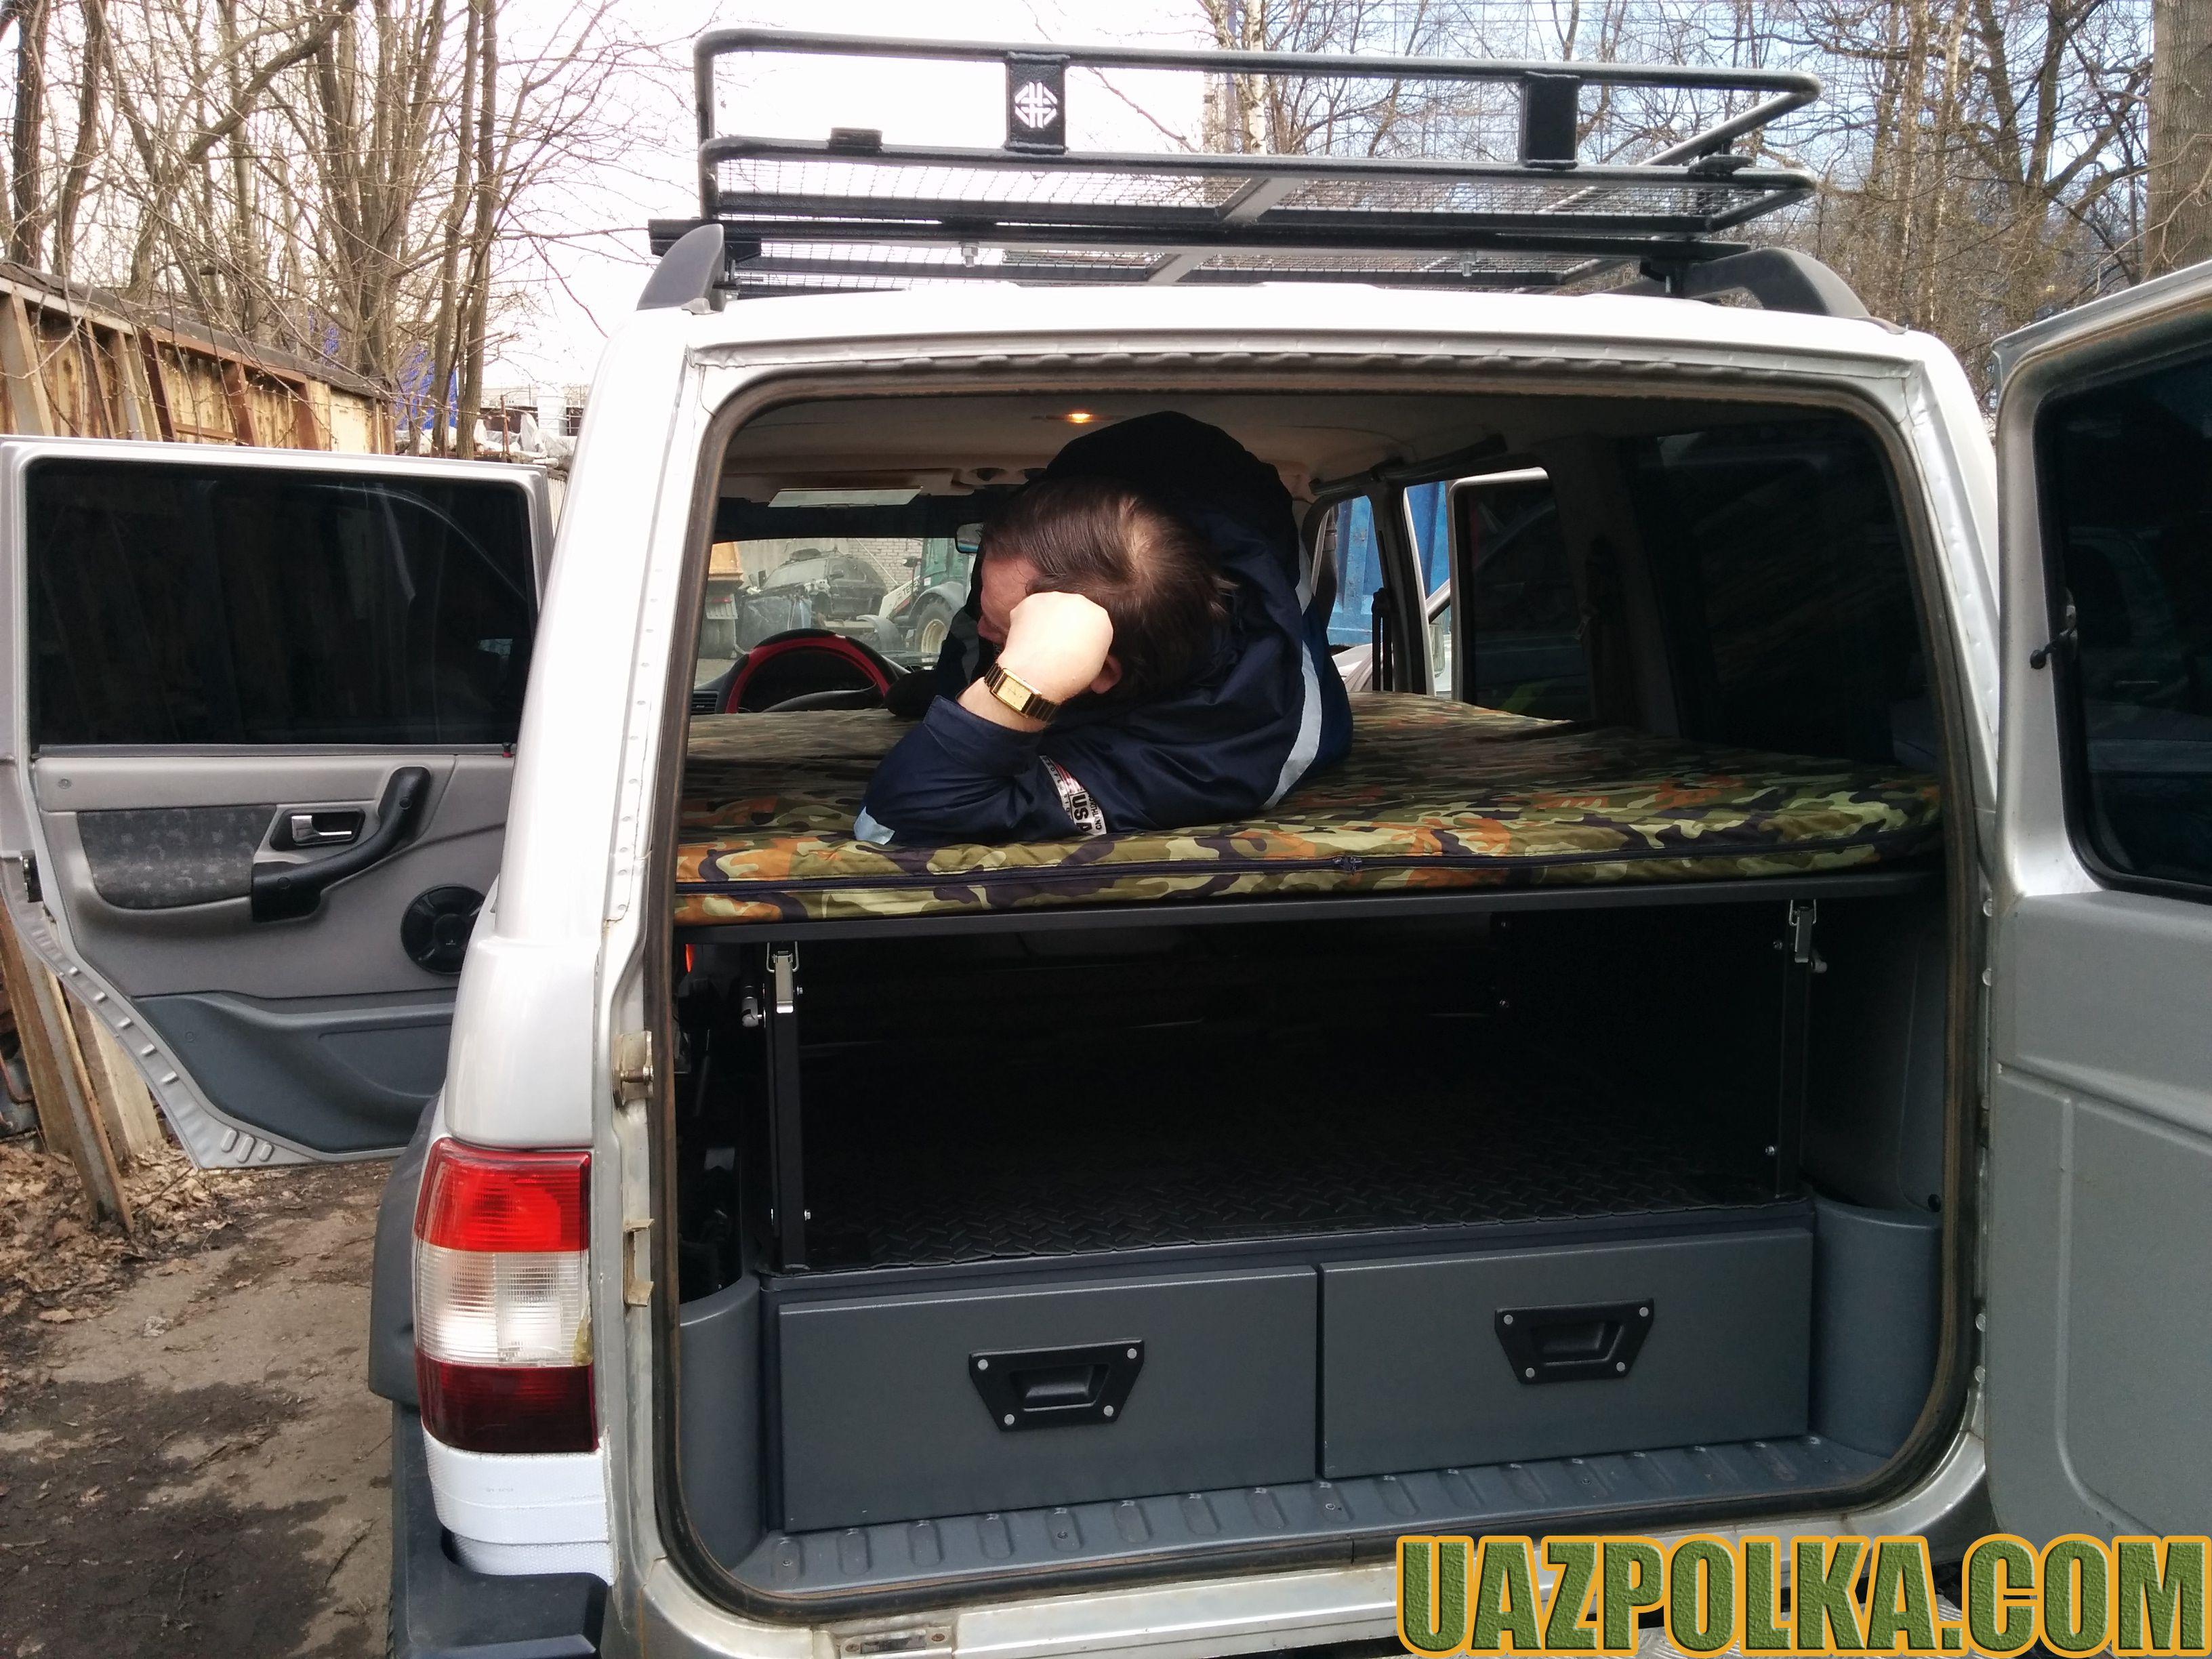 Полка Эконом New с лежанкой на ящиках стороннего производителя_12